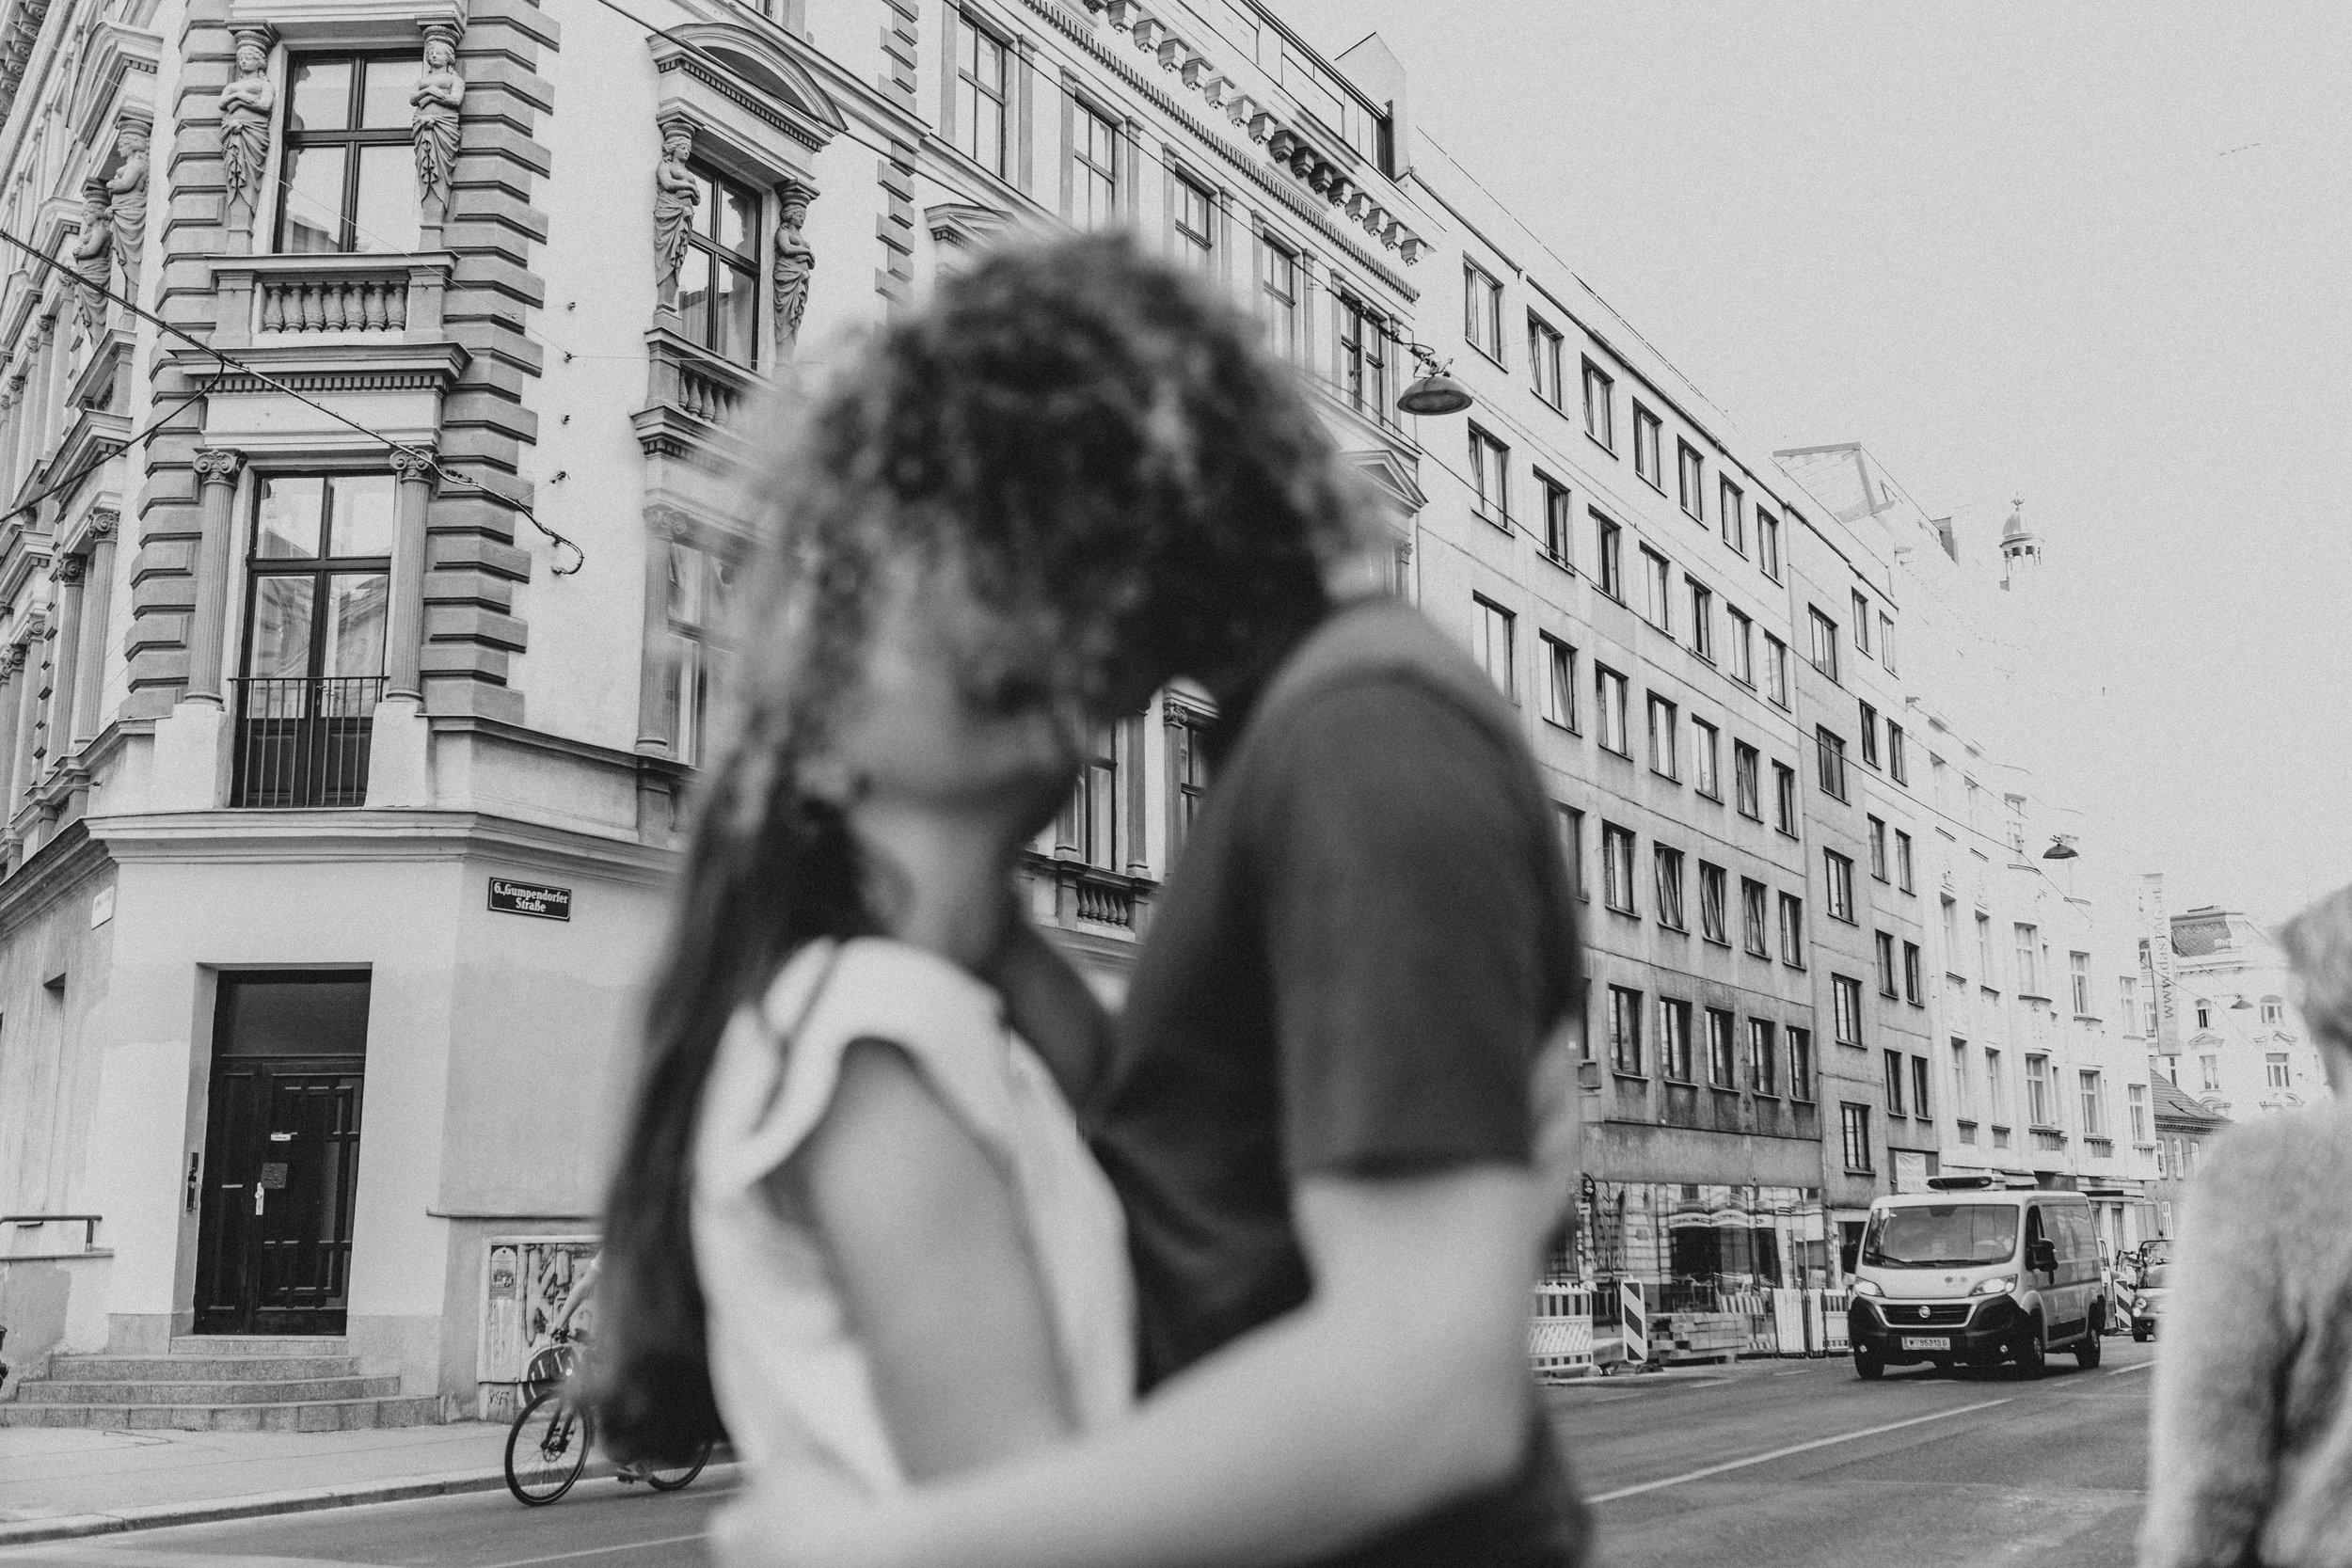 unkitschig_jasminundmax_couple_027.jpg